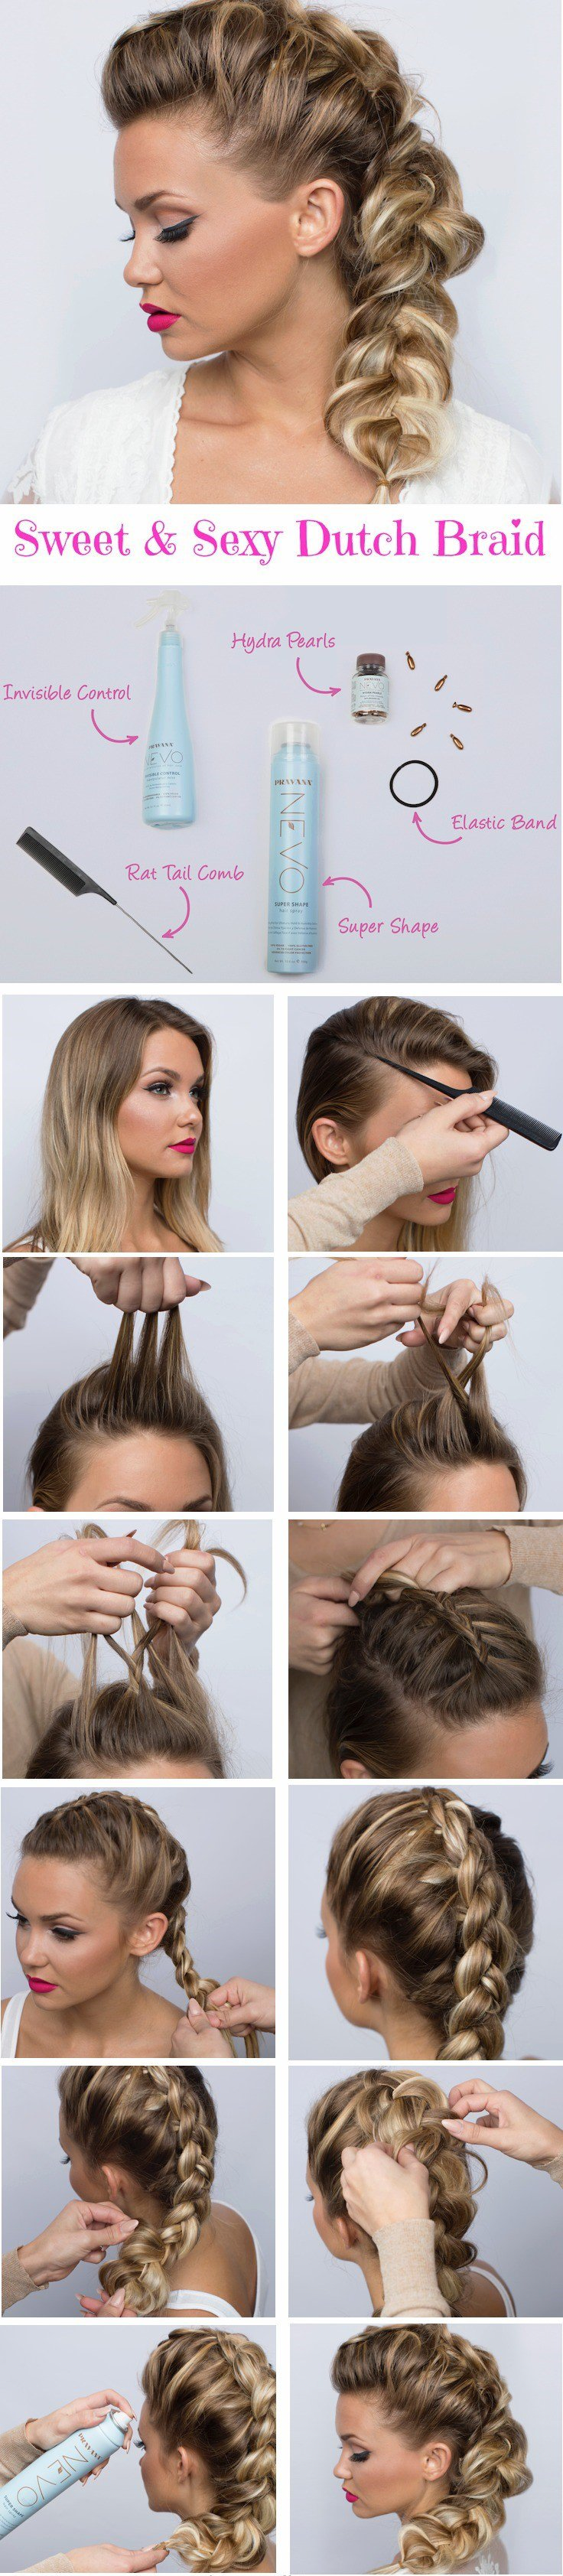 Dutch Braid Ponytail Hairstyle Tutorial